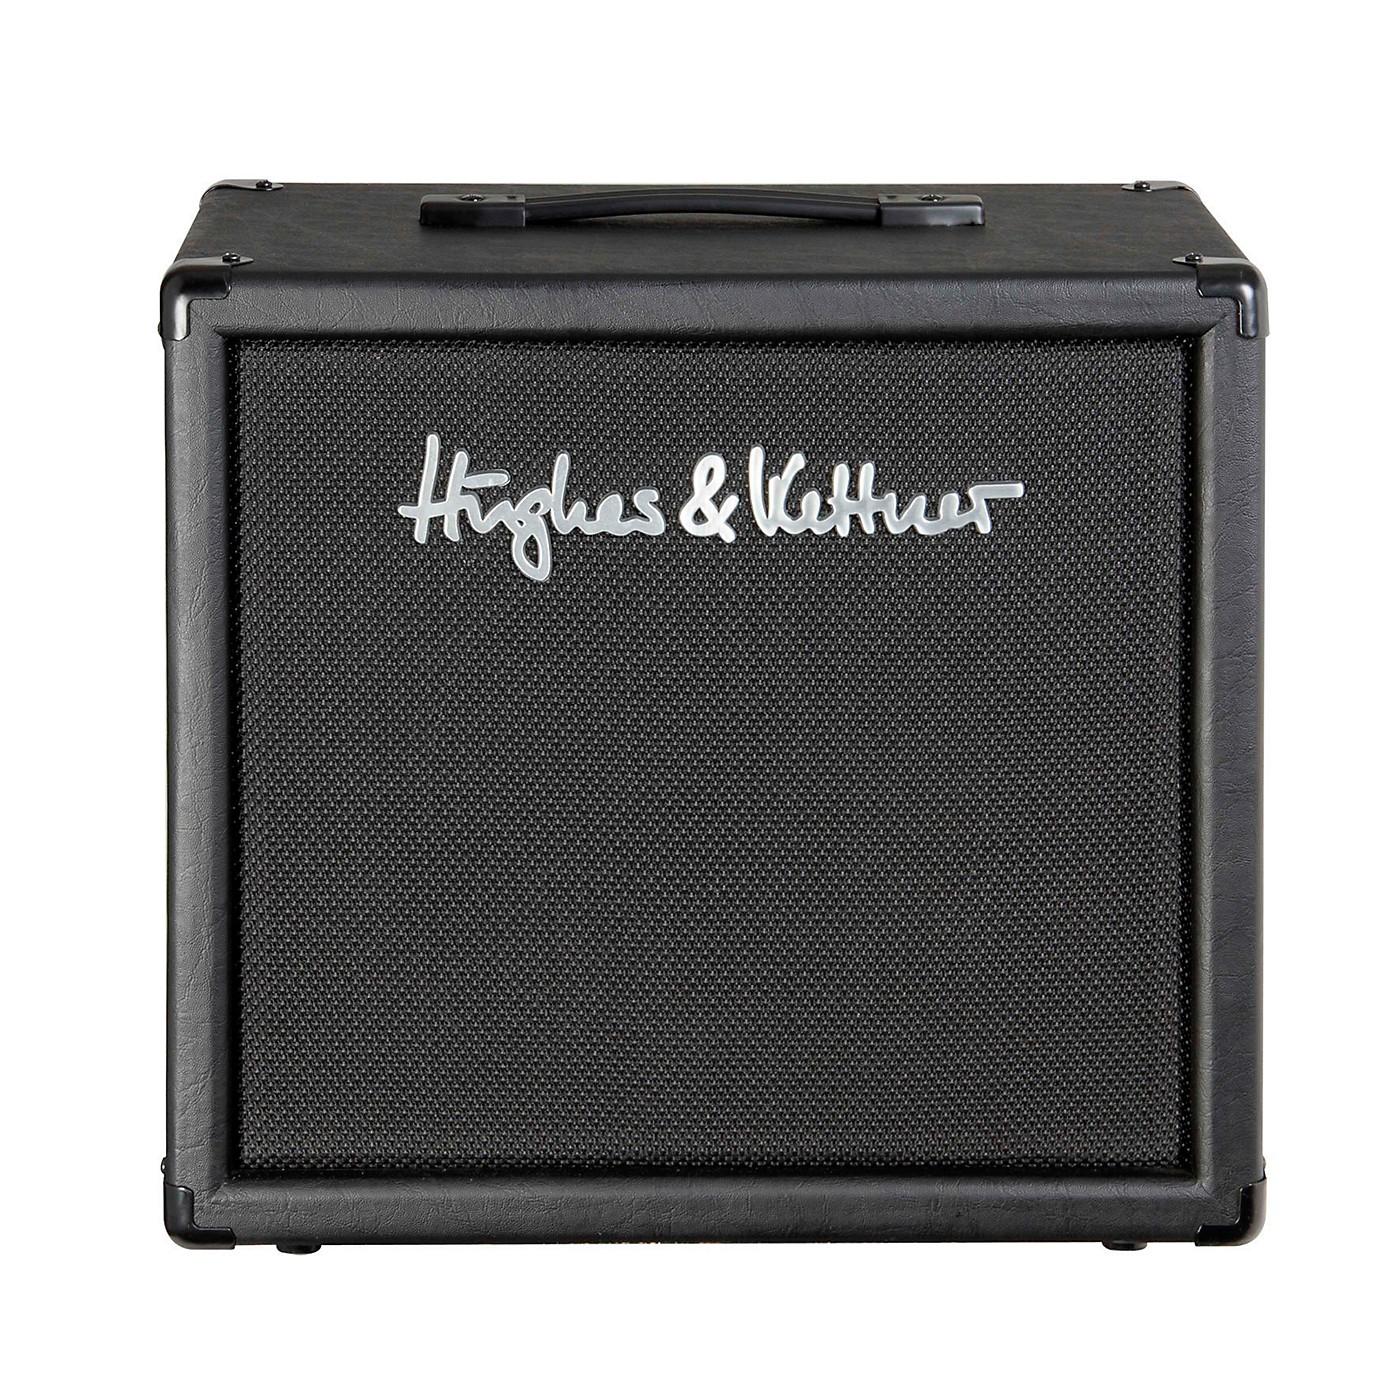 Hughes & Kettner TubeMeister 110 1x10 Guitar Speaker Cabinet thumbnail